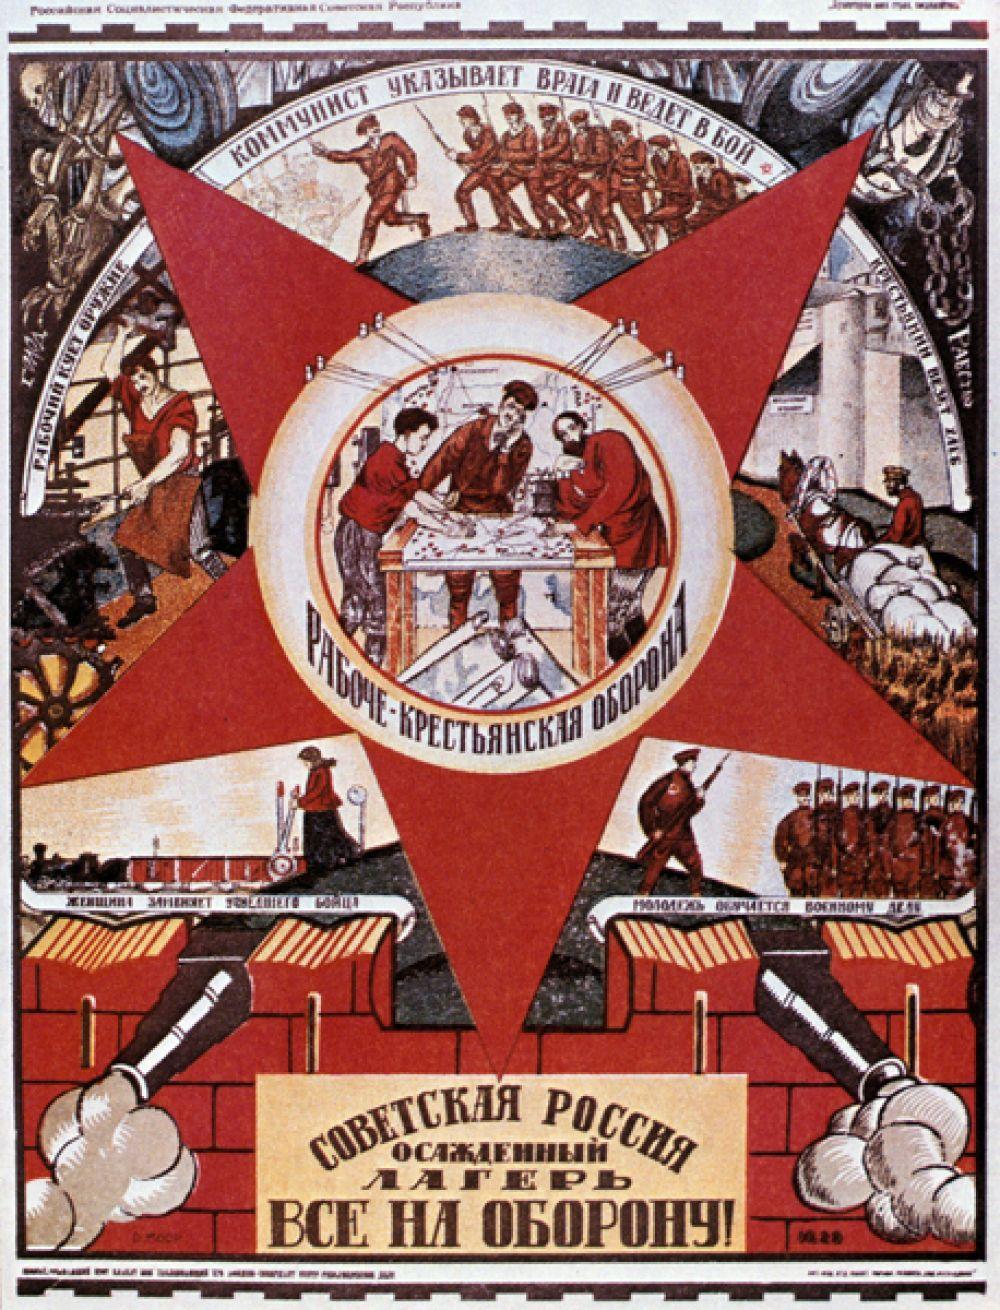 «Советская Россия, осажденный лагерь, все на оборону!», 1919 год.